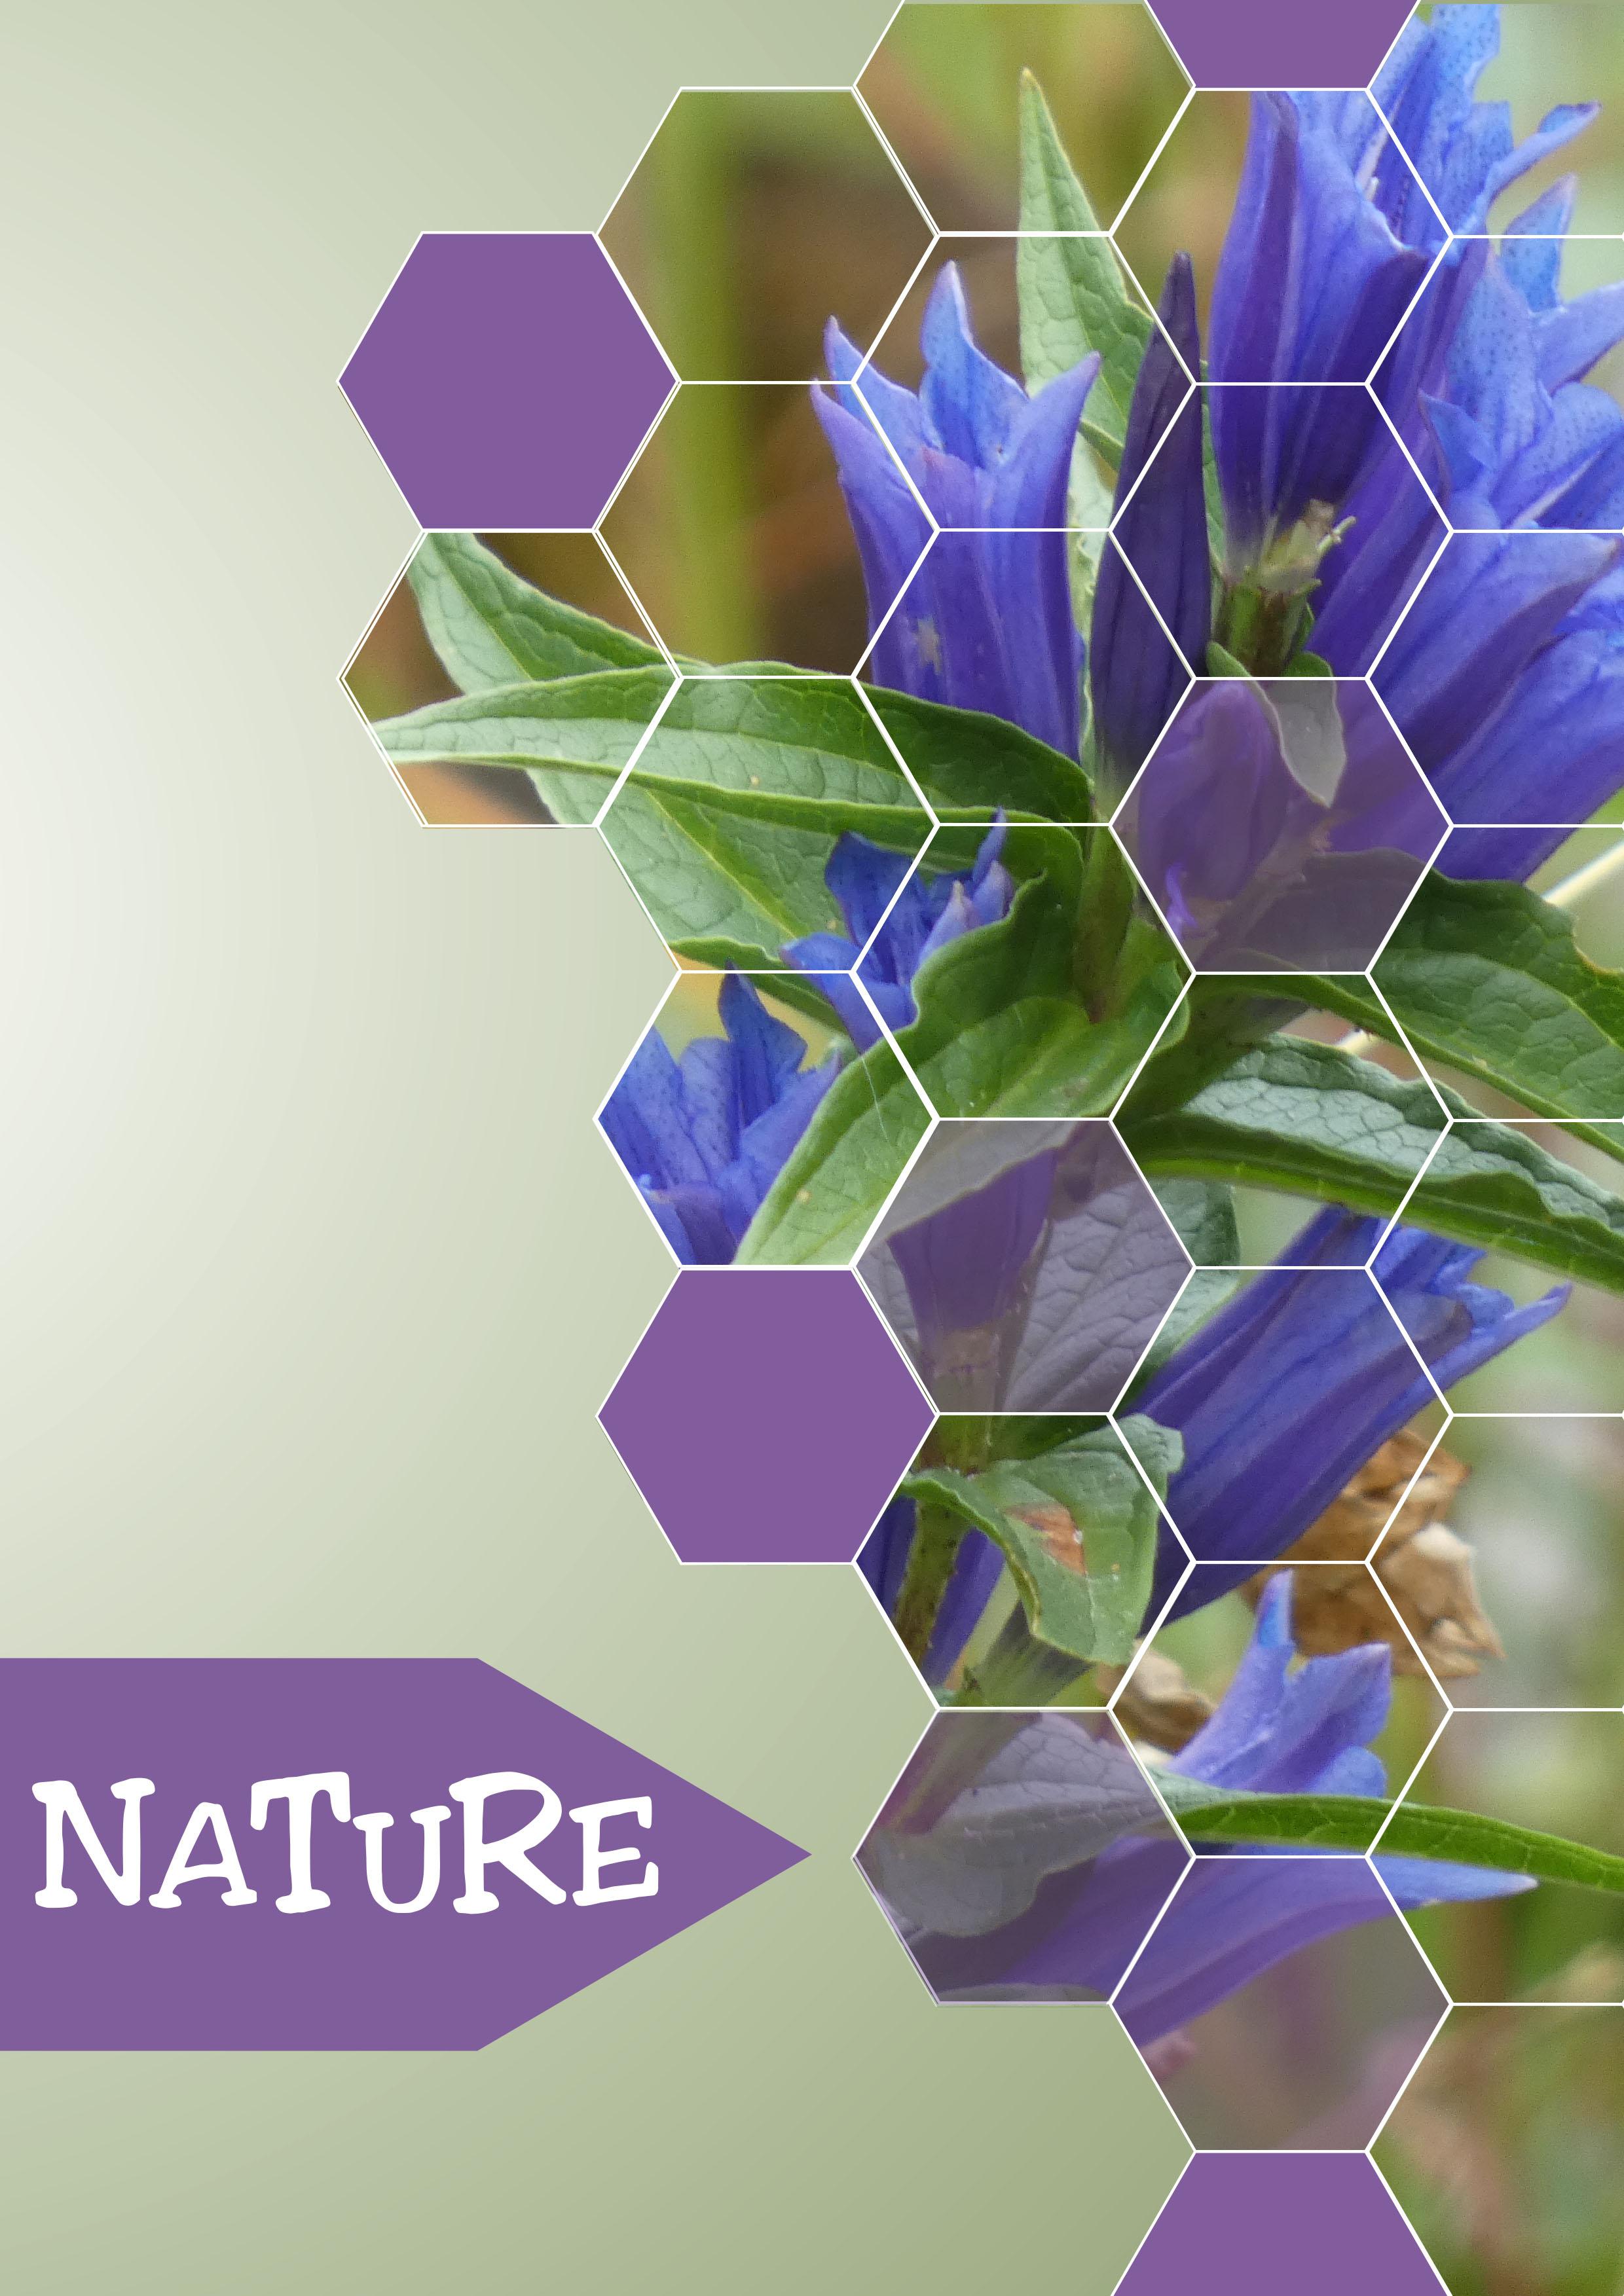 Création d'une affiche nature